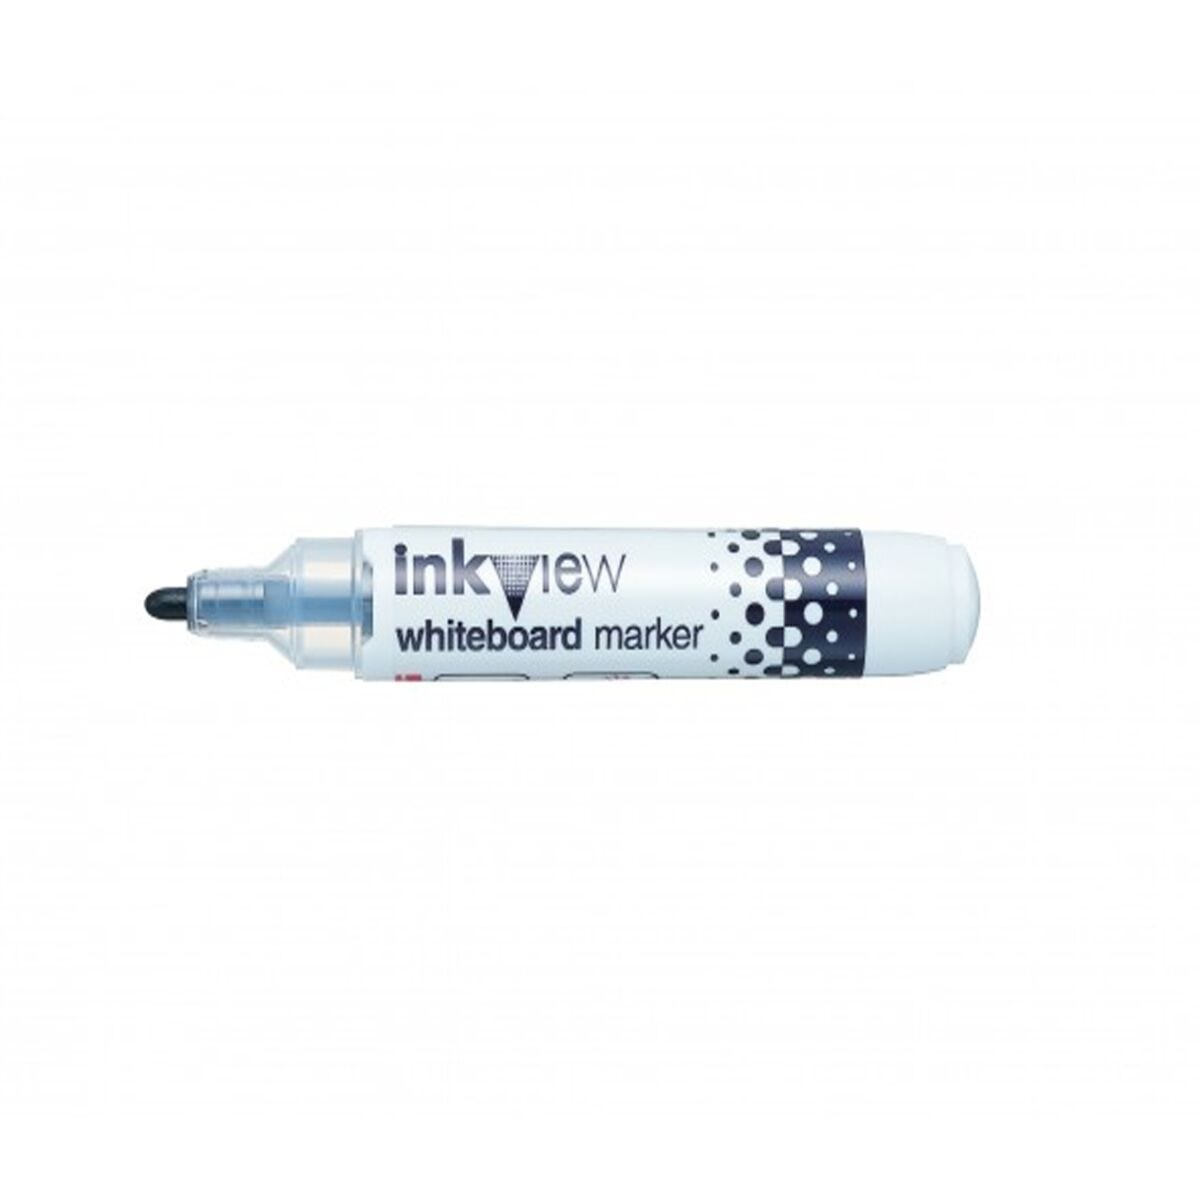 Inkview Whiteboard Marker Pack of 12 Black